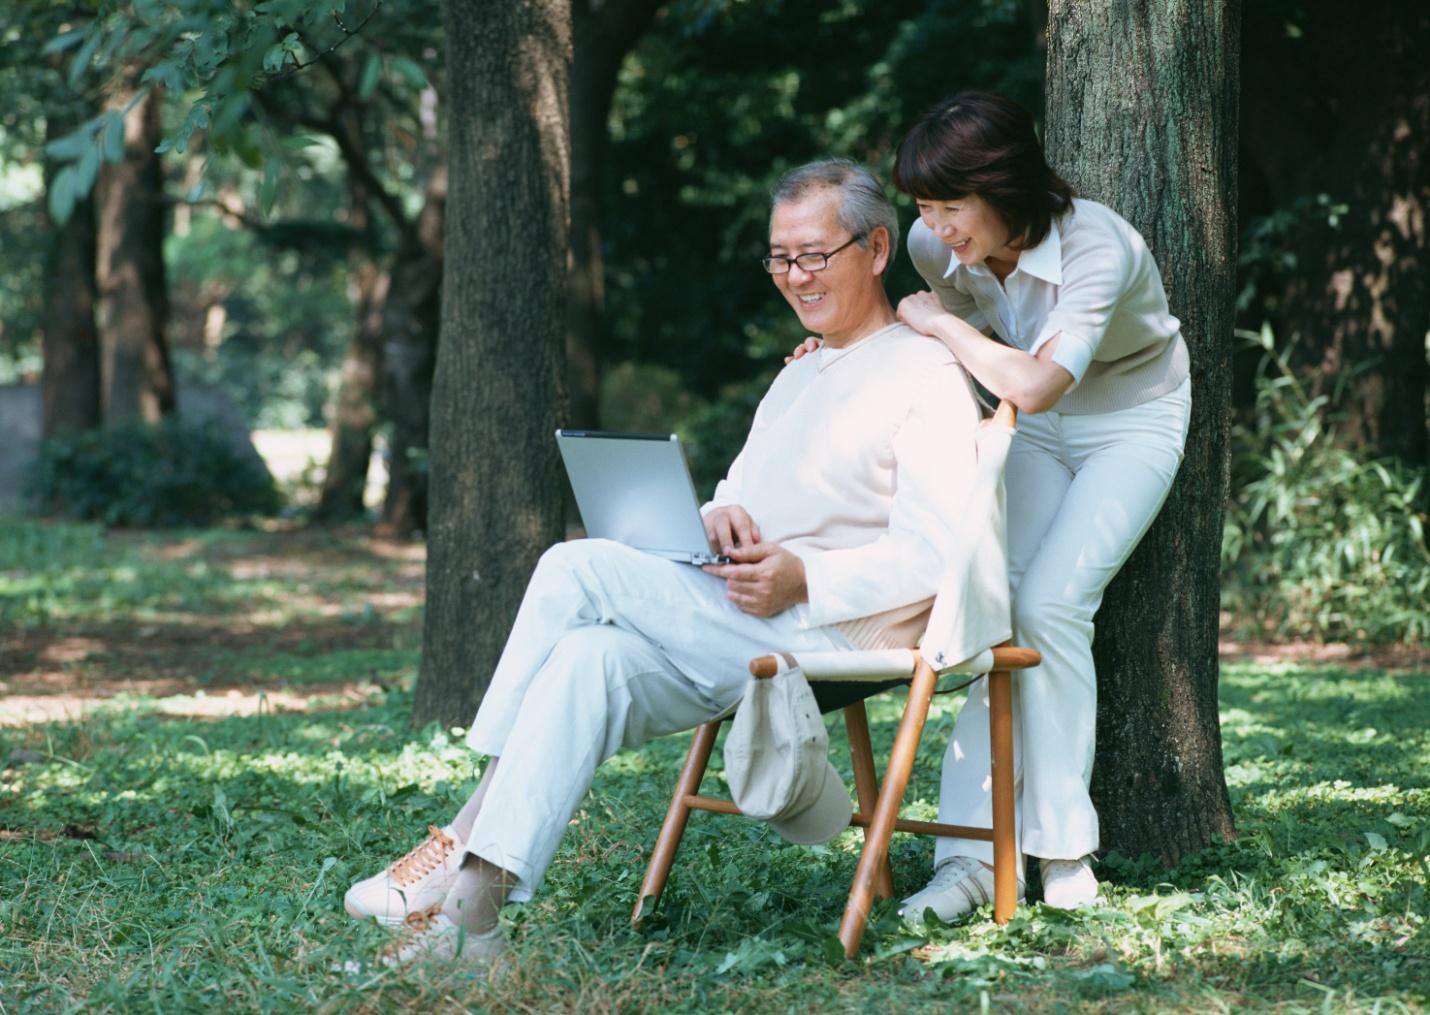 Nỗi buồn lớn nhất của cha mẹ già là gì?